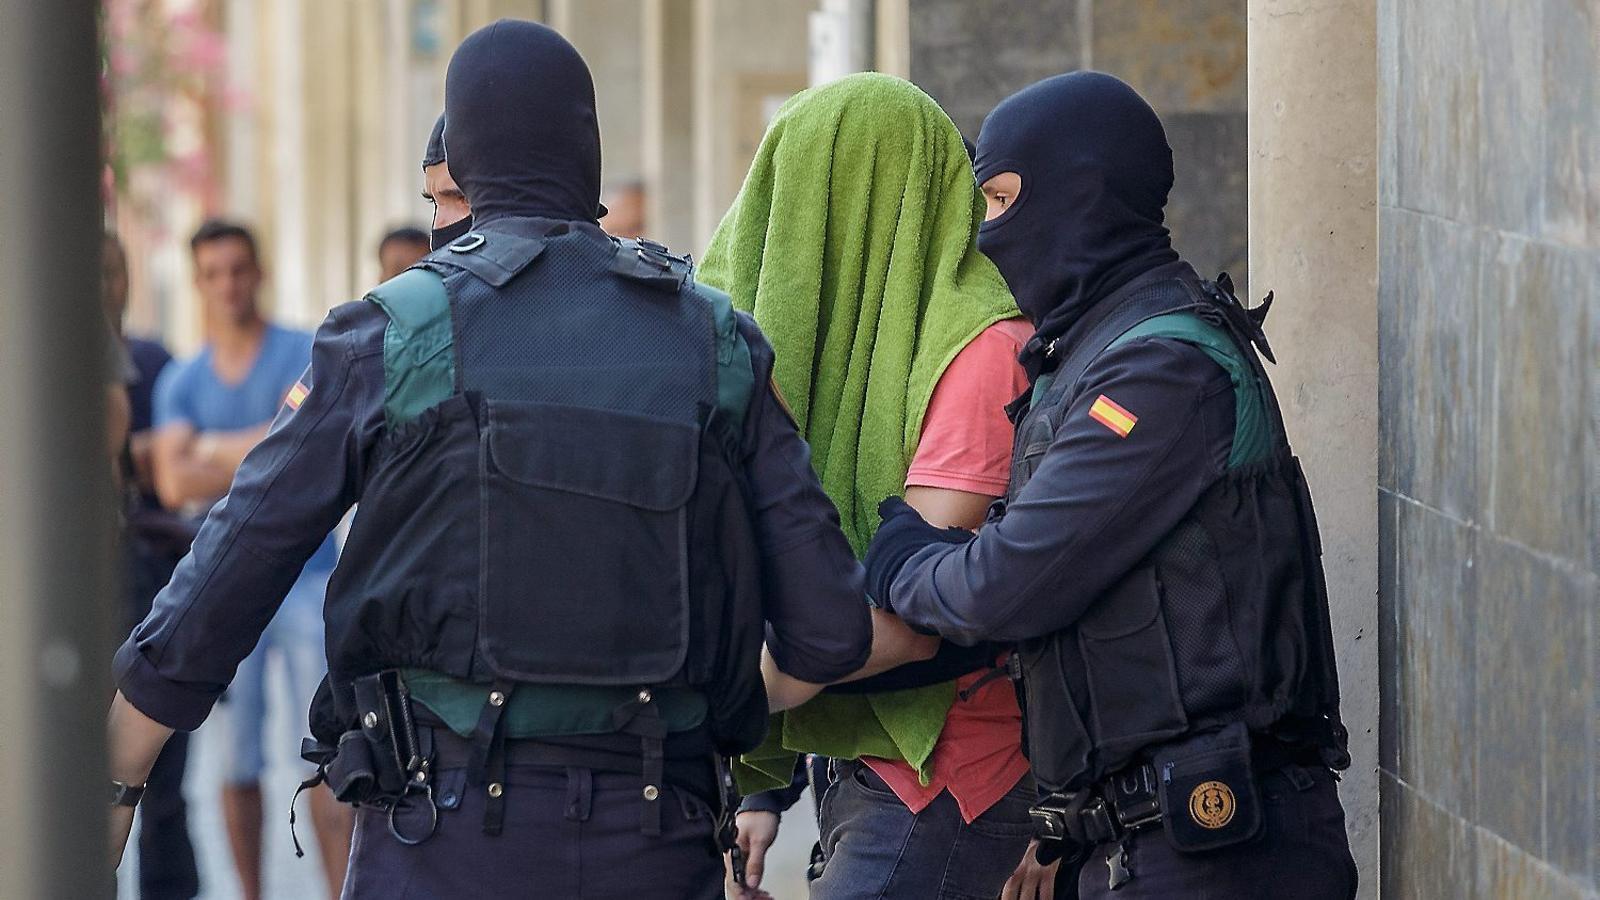 De patir la mort d'un germà a Síria a enviar diners a l'Estat Islàmic